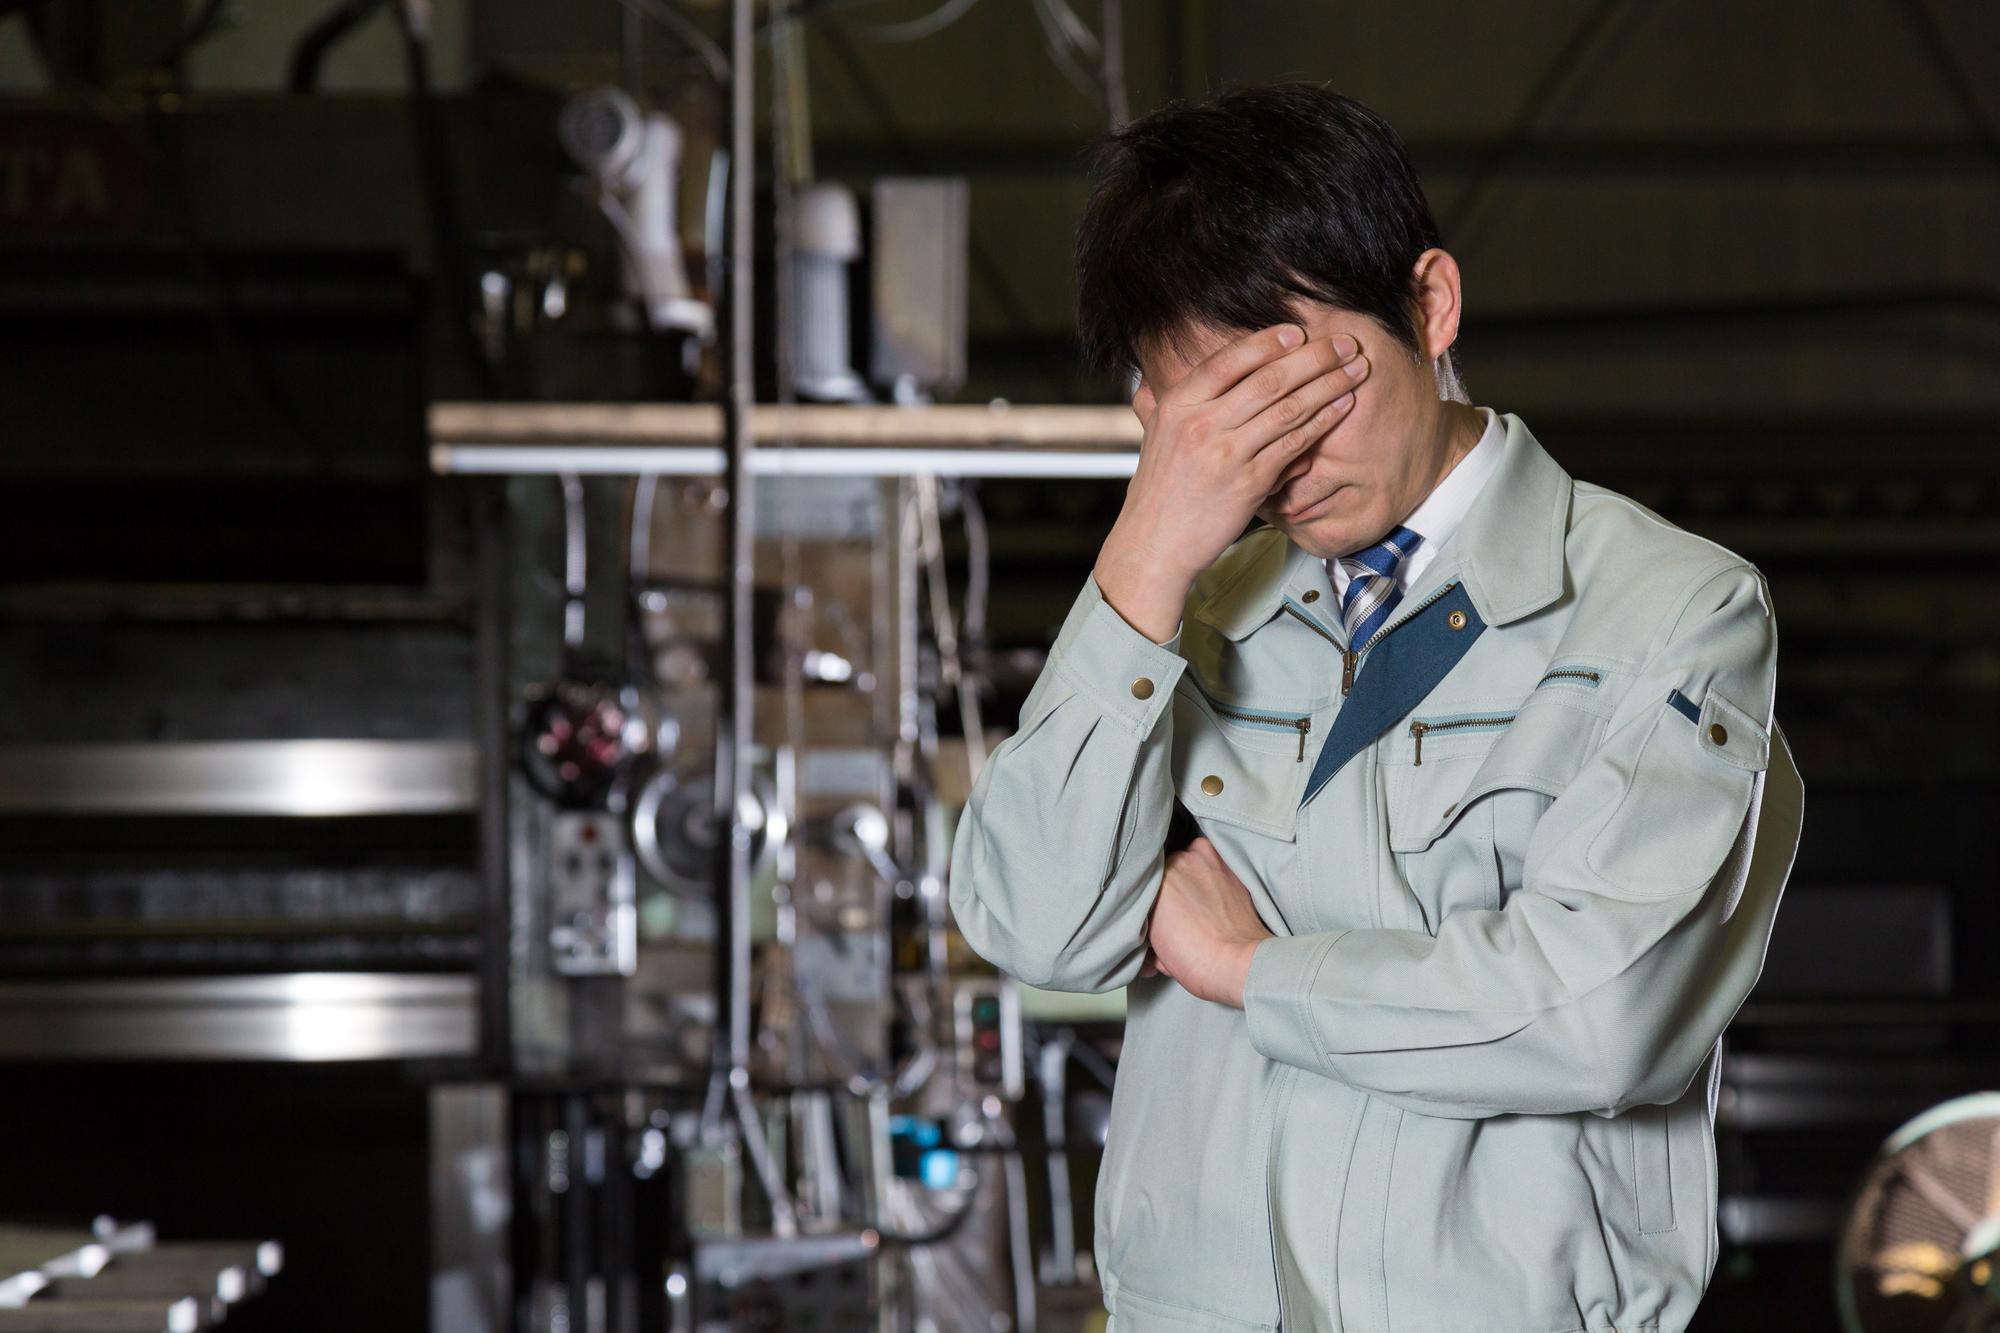 緊急事態宣言で工場はどうなる?仕事はできる?工場休止ってある?